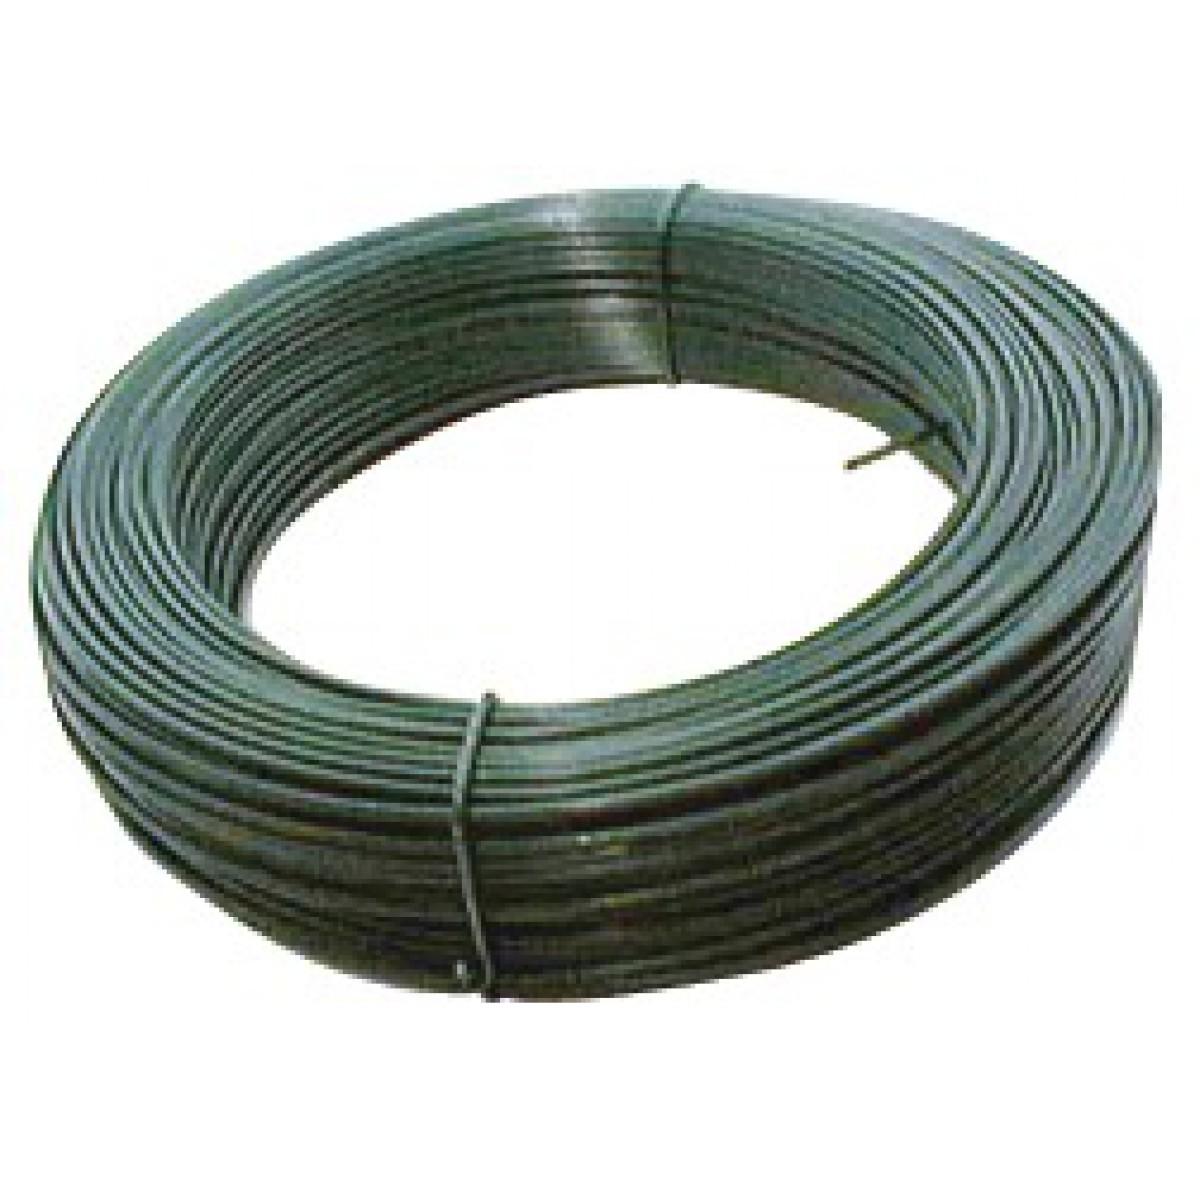 Fil de tension galvanisé plastifié Filiac - Longueur 25 m - Diamètre 2,4 mm - Vert